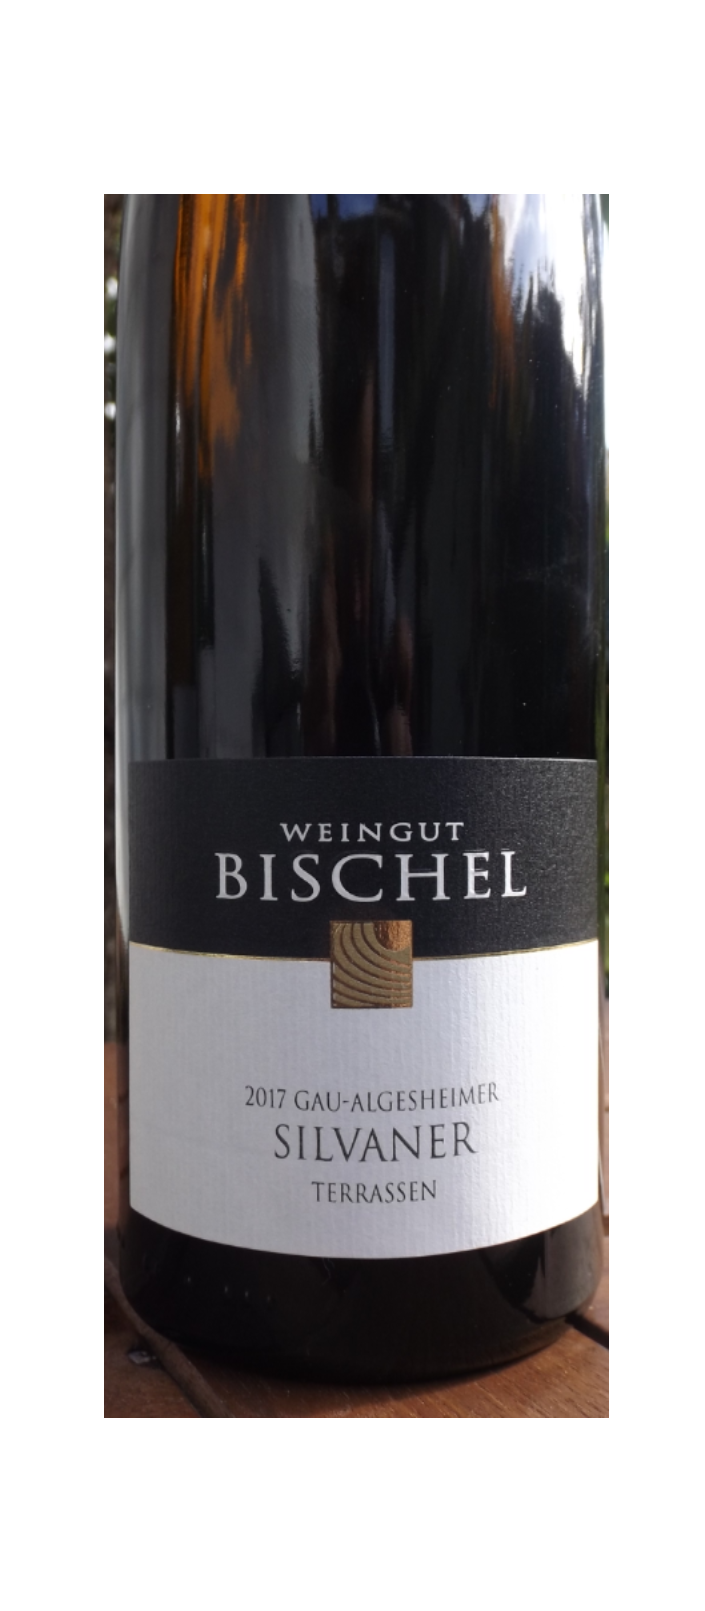 Weingut Bischel/ Hesse Rhénane - Silvaner Terrassen  2017 sec